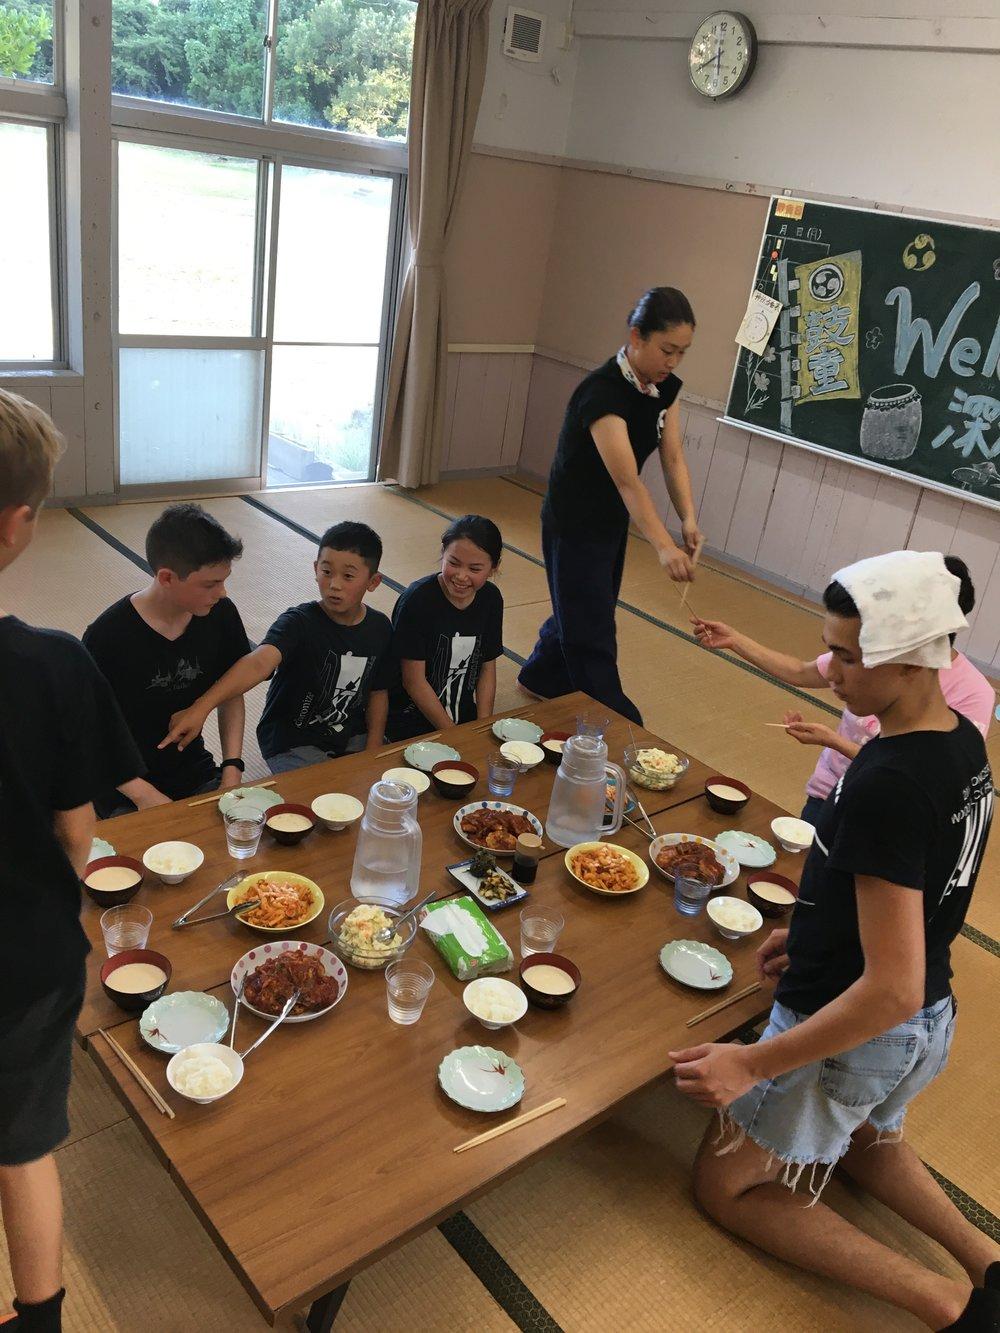 Eat together at KODO village